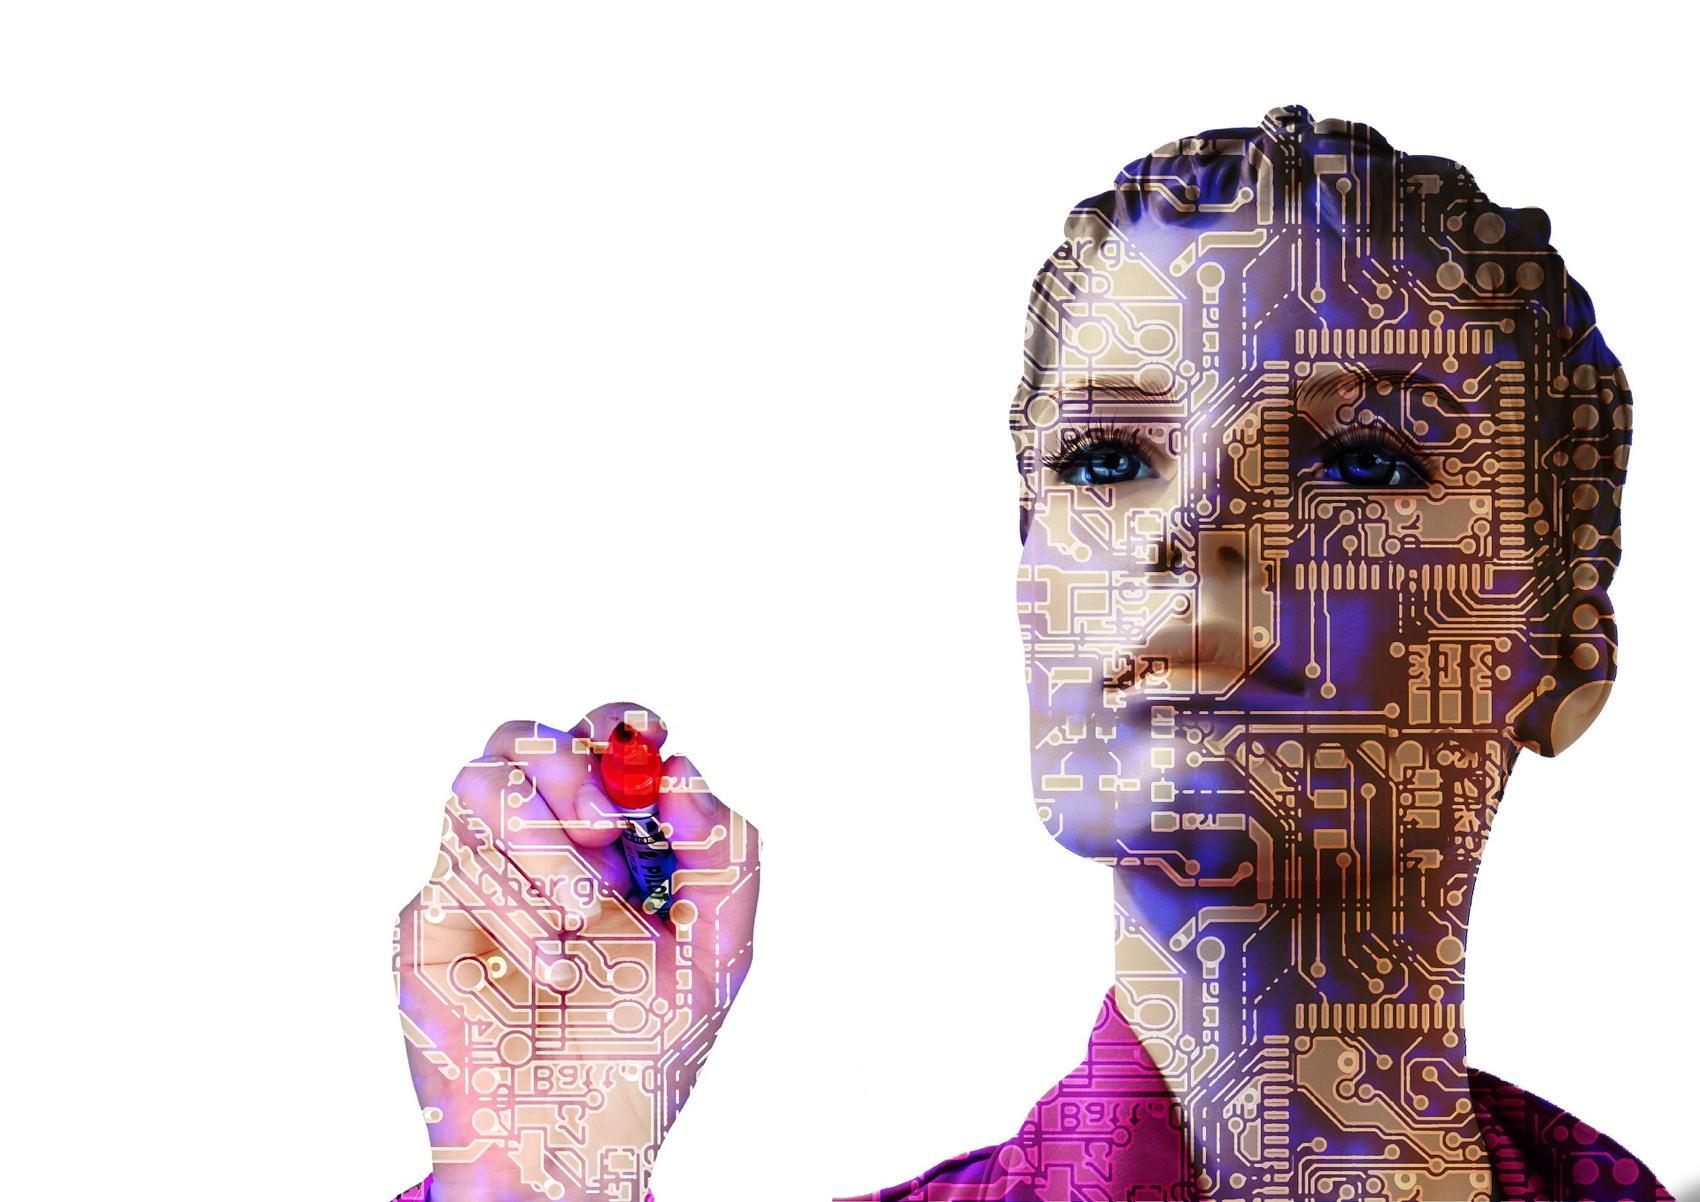 AI Artist - Image by Gerd Altmann